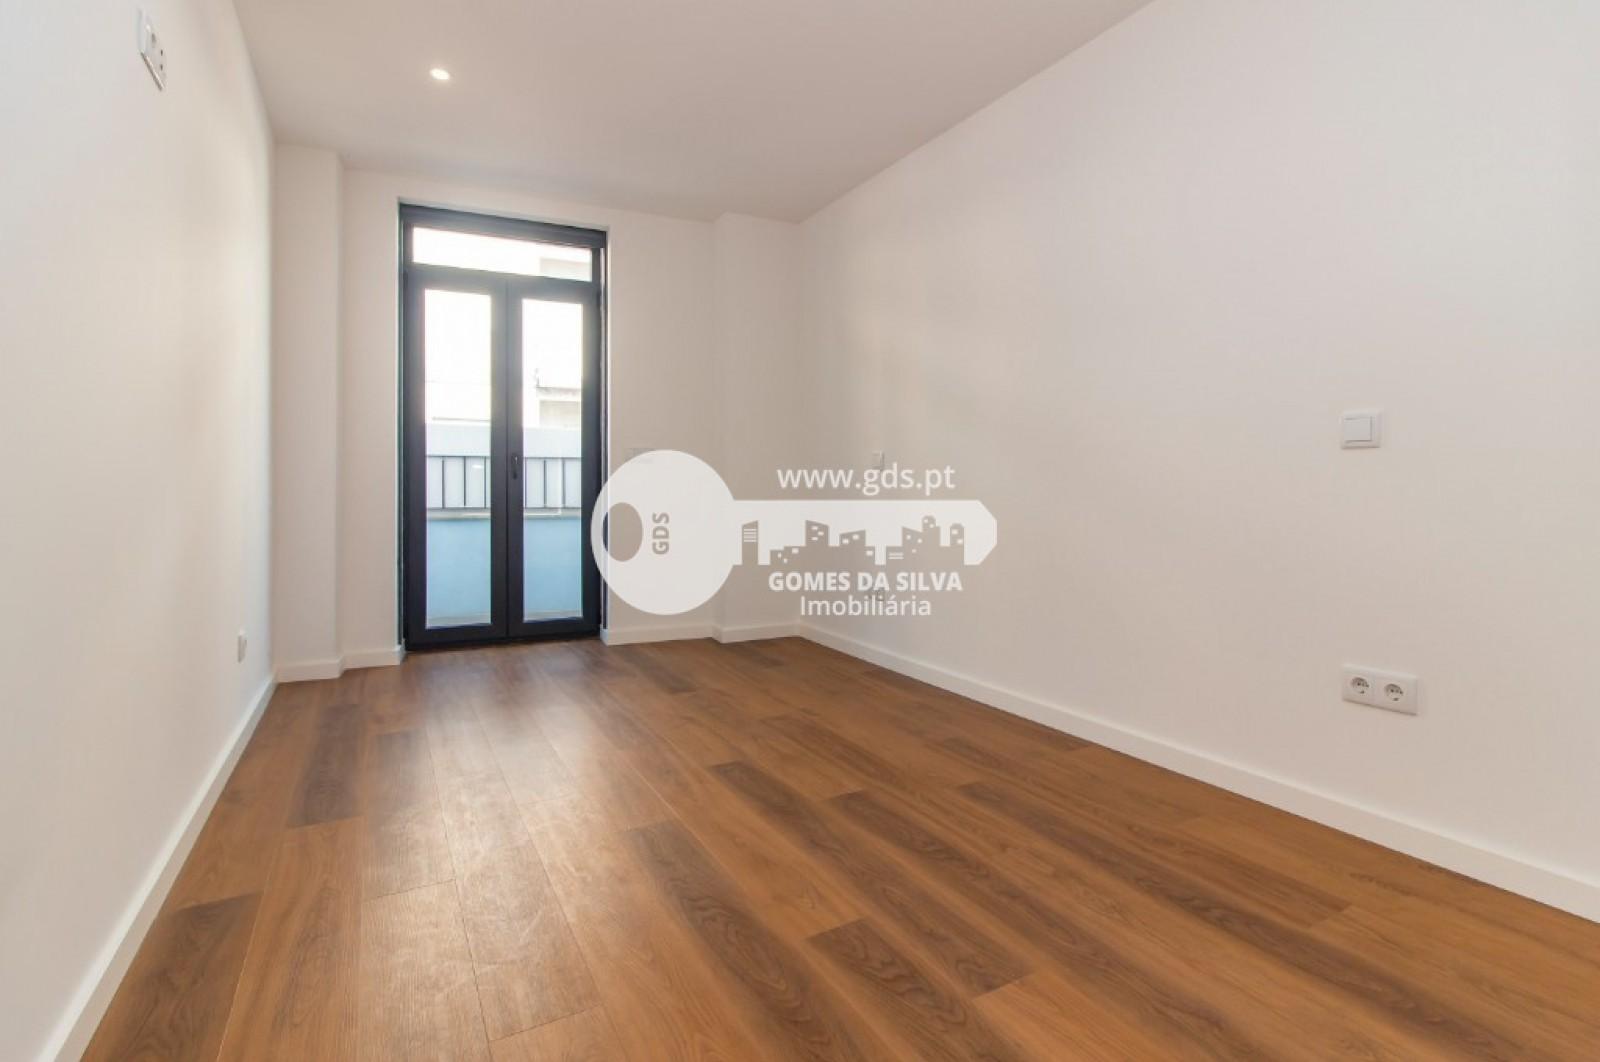 Apartamento T3 para Venda em São Vicente, Braga, Braga - Imagem 11